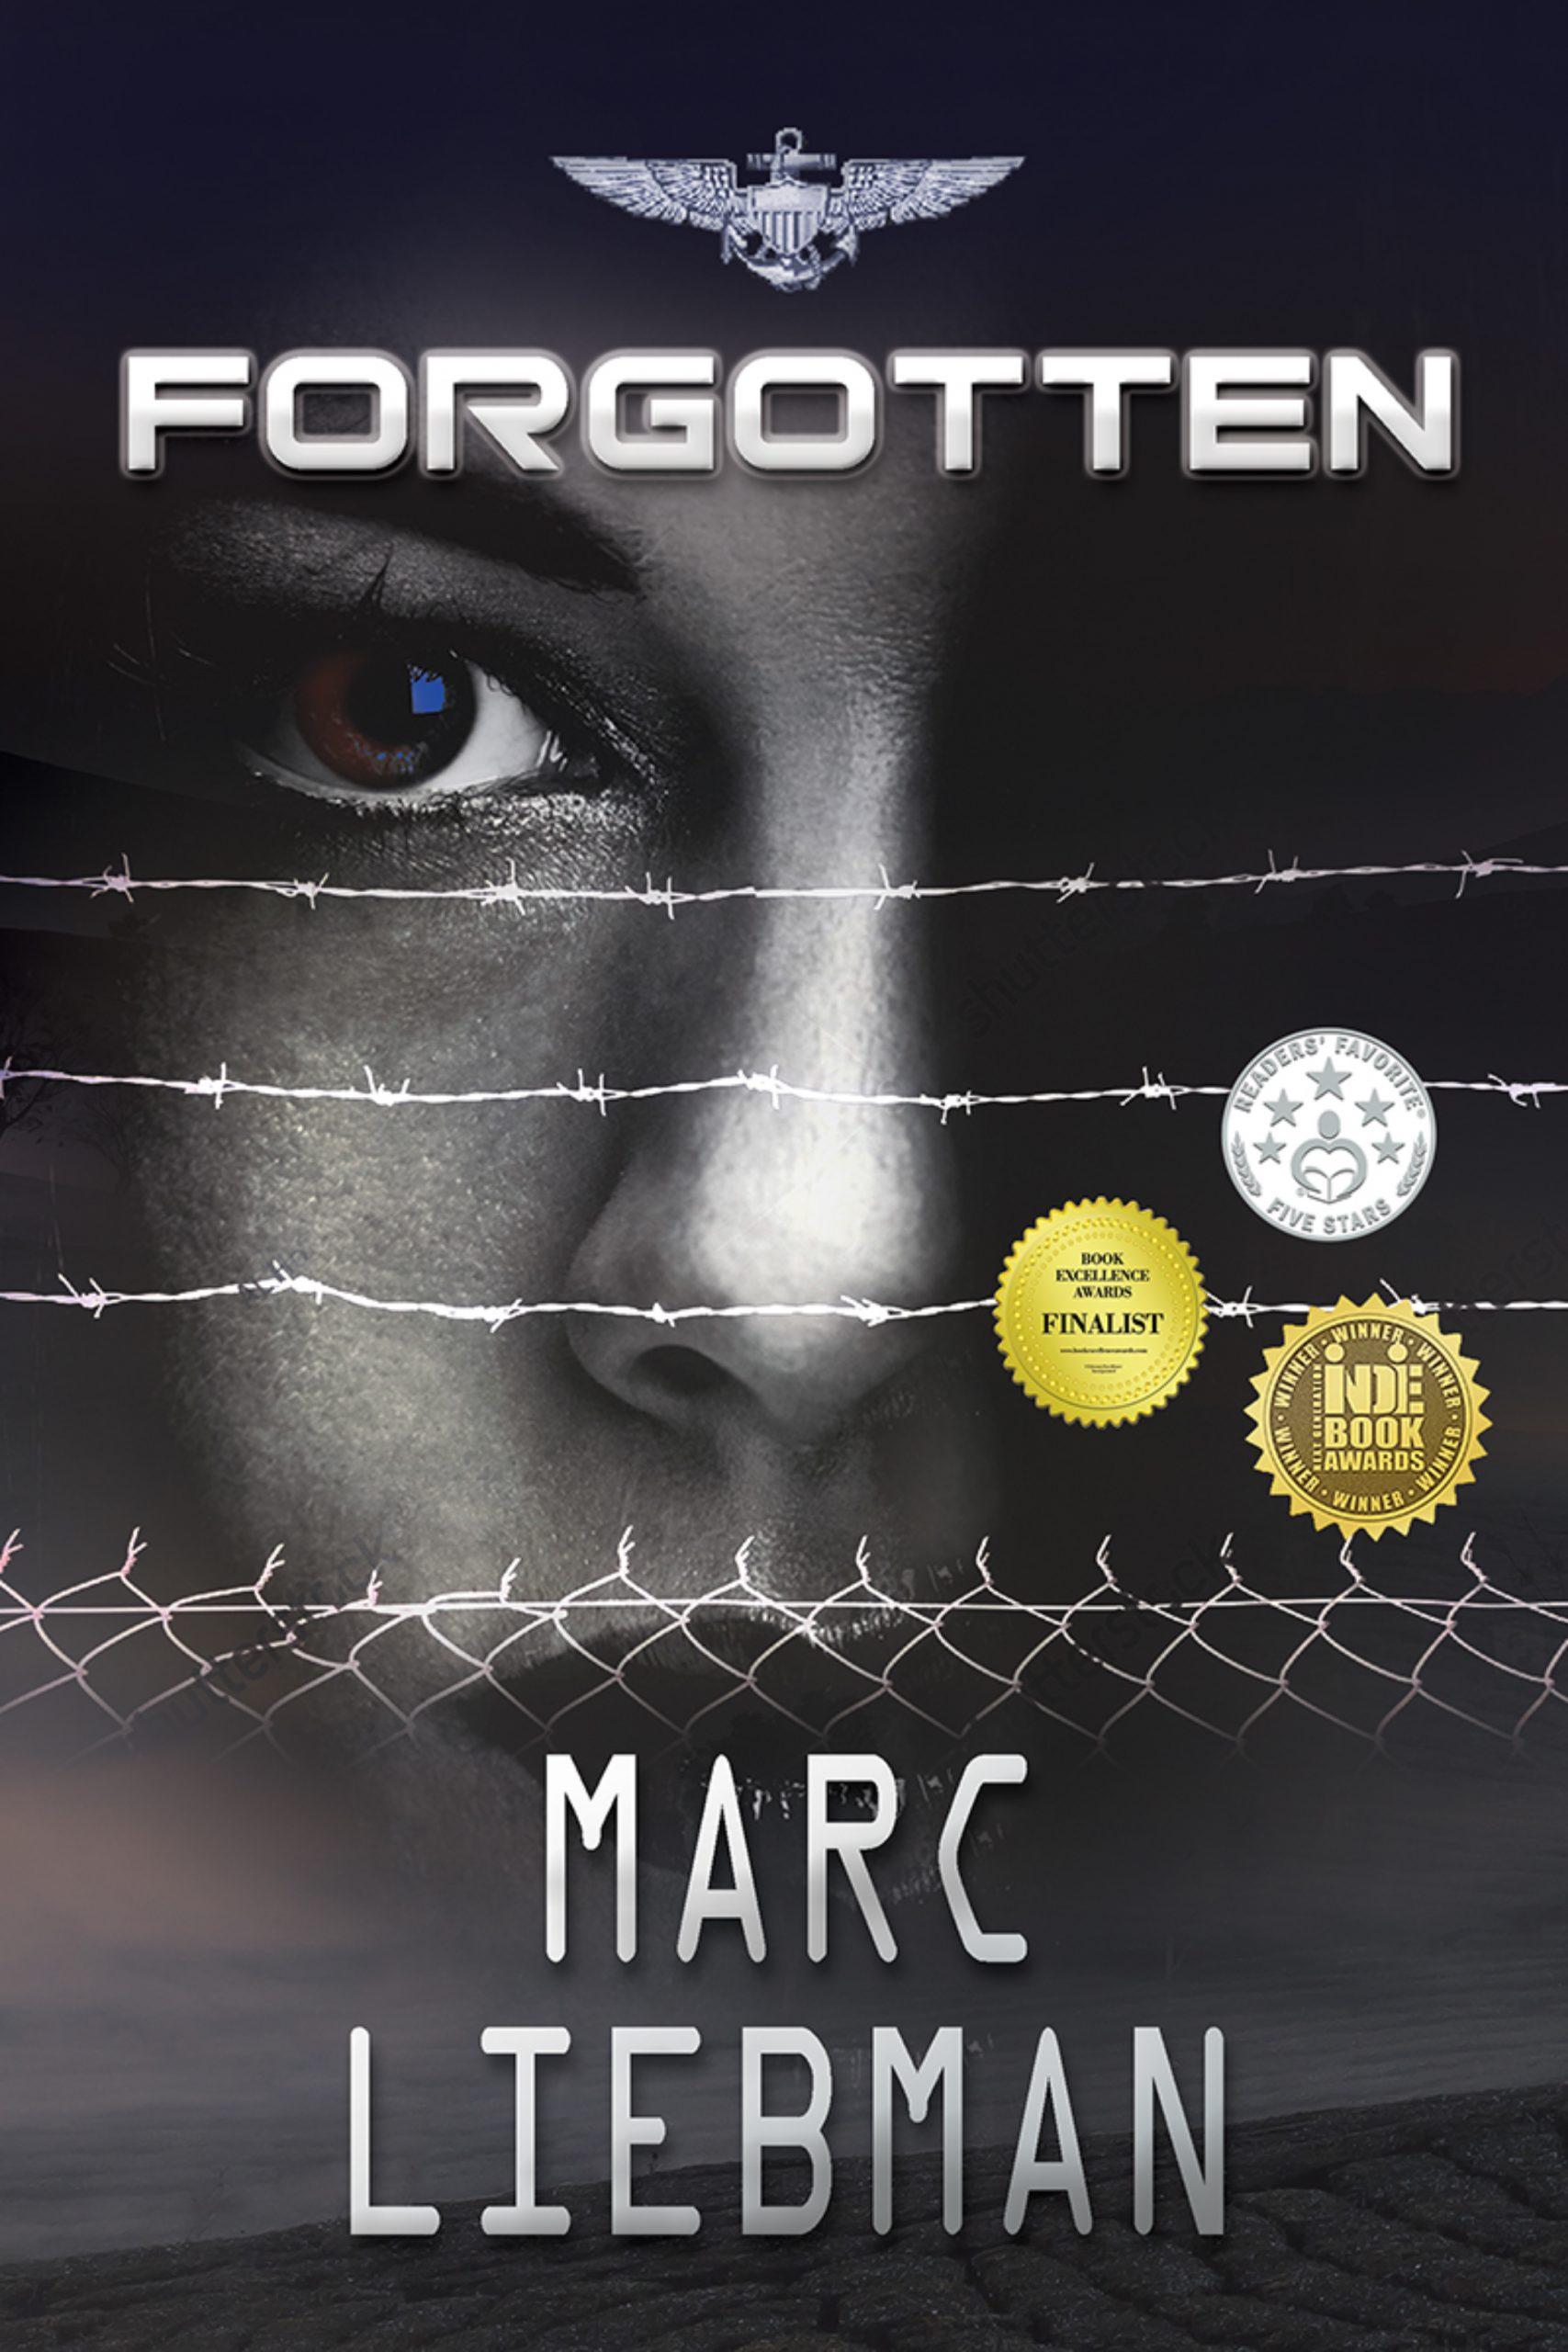 9781946409720-Forgotten-web[1].jpg